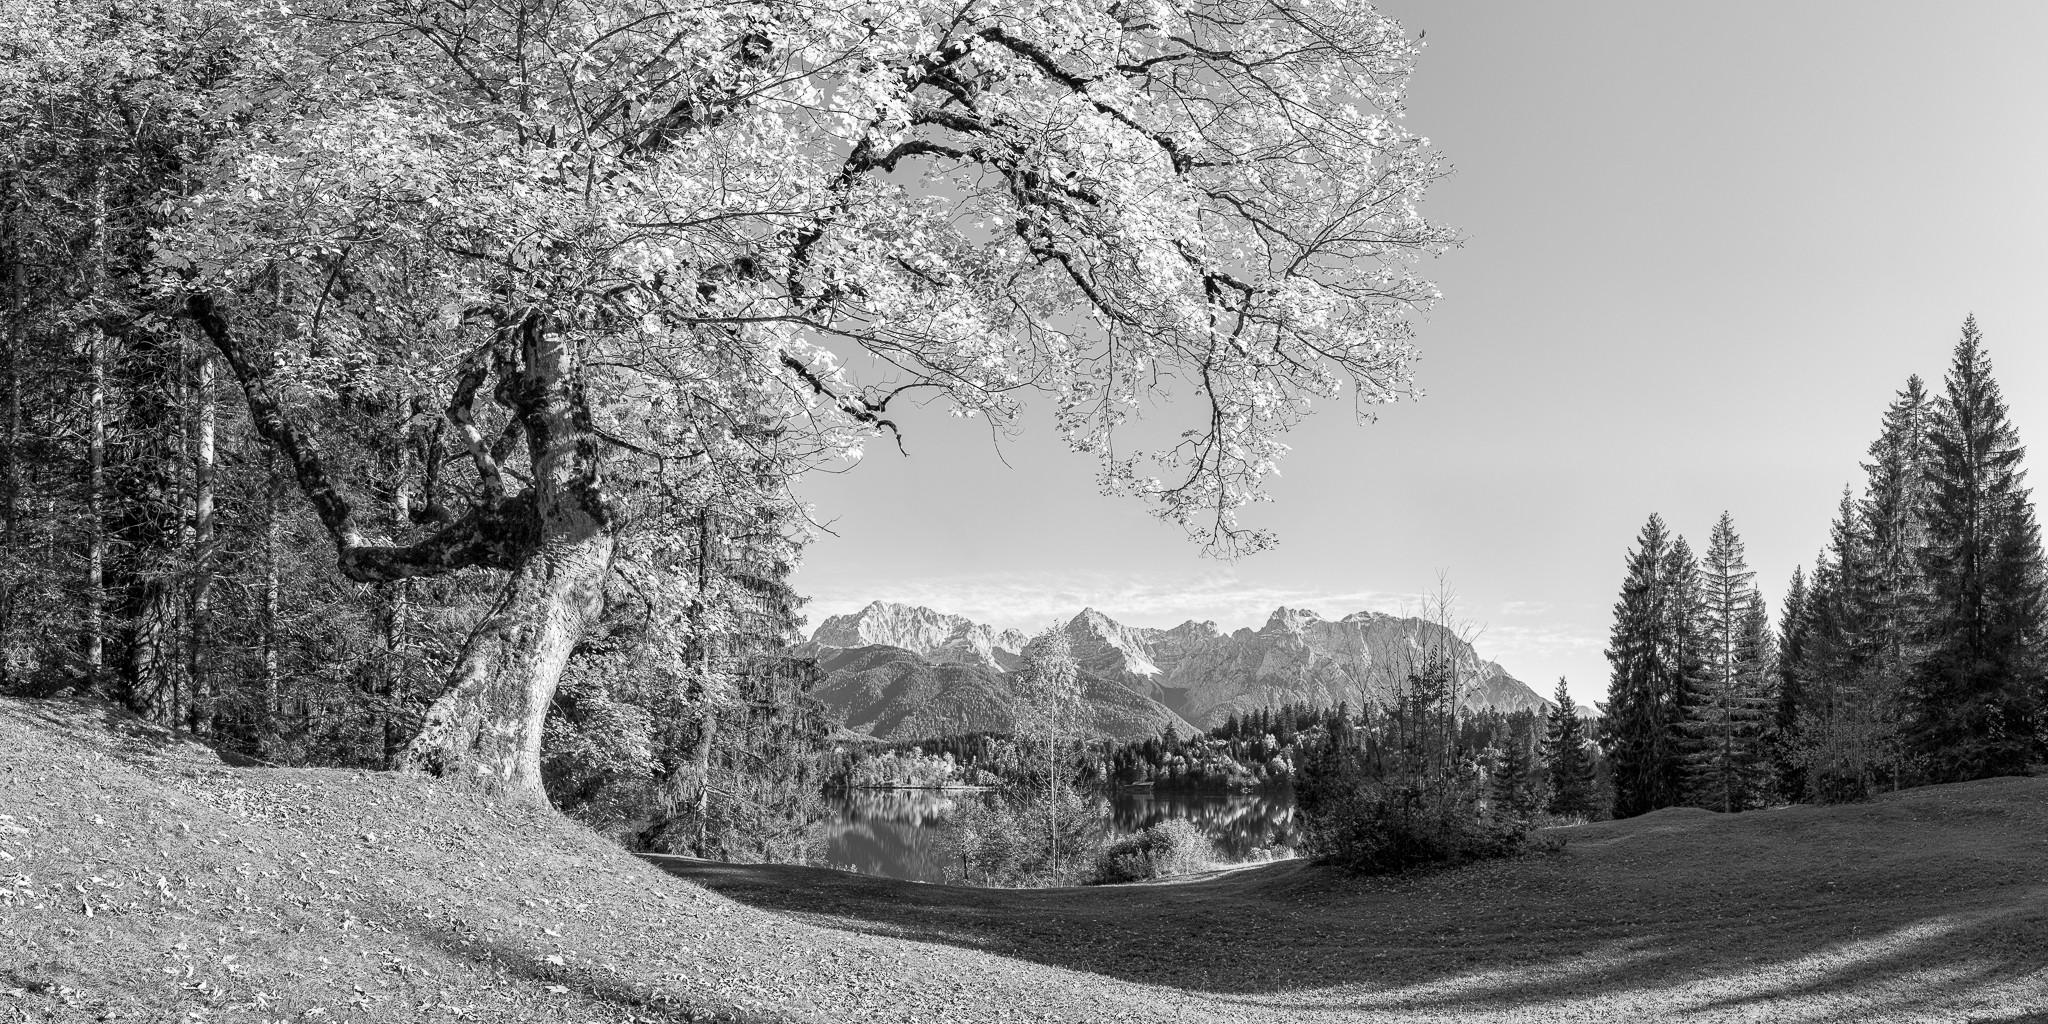 Barmsee - Ahorn auf der Liegewiese - schwarz weiß